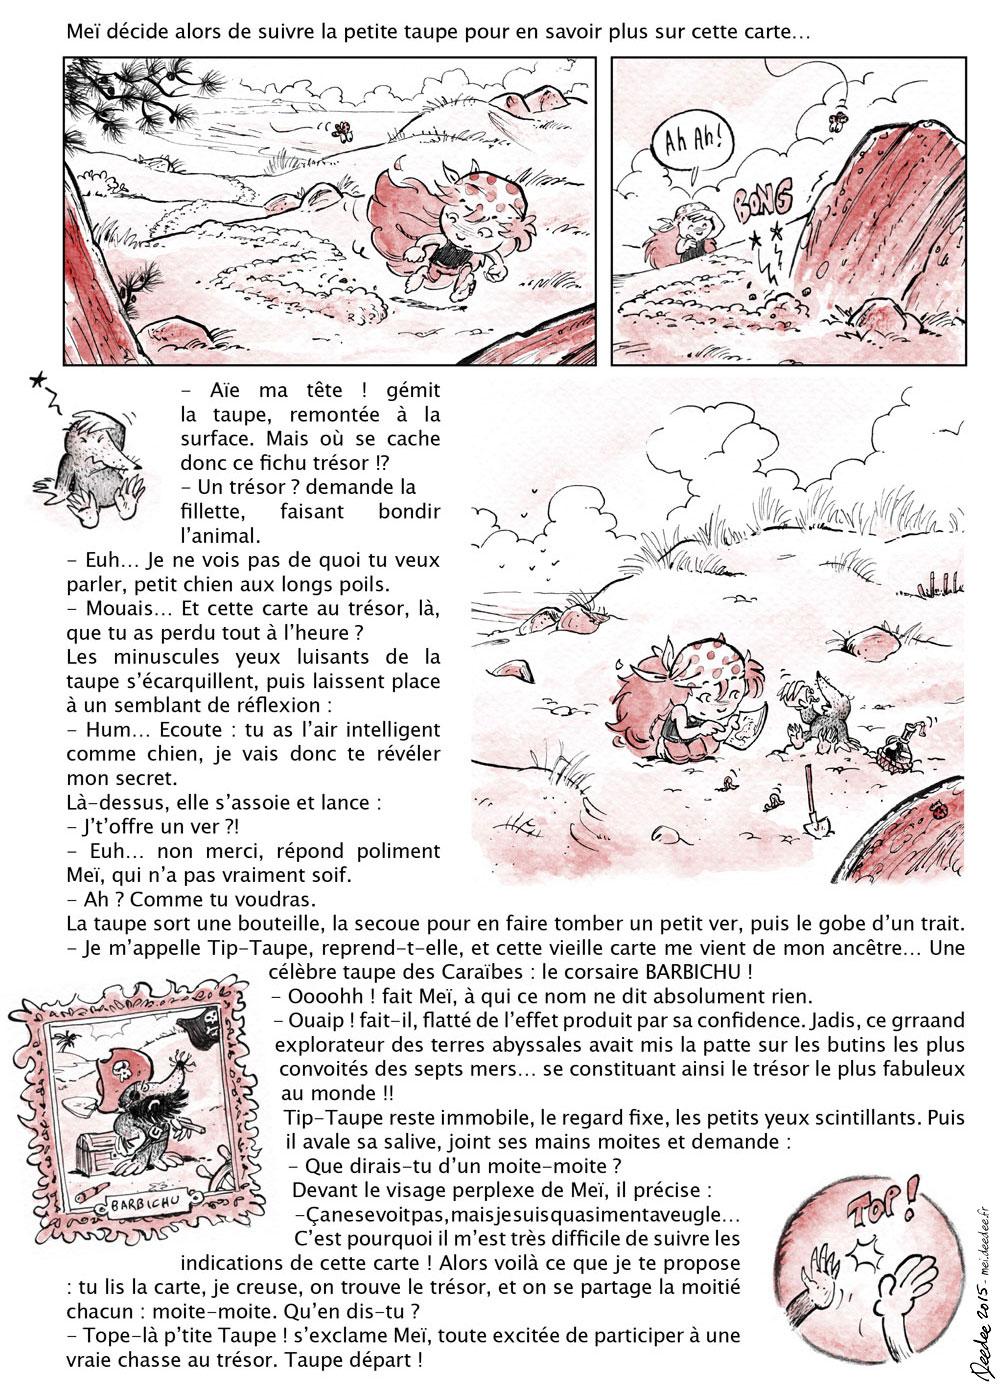 Meï : Le trésor de Barbichi - 2/4